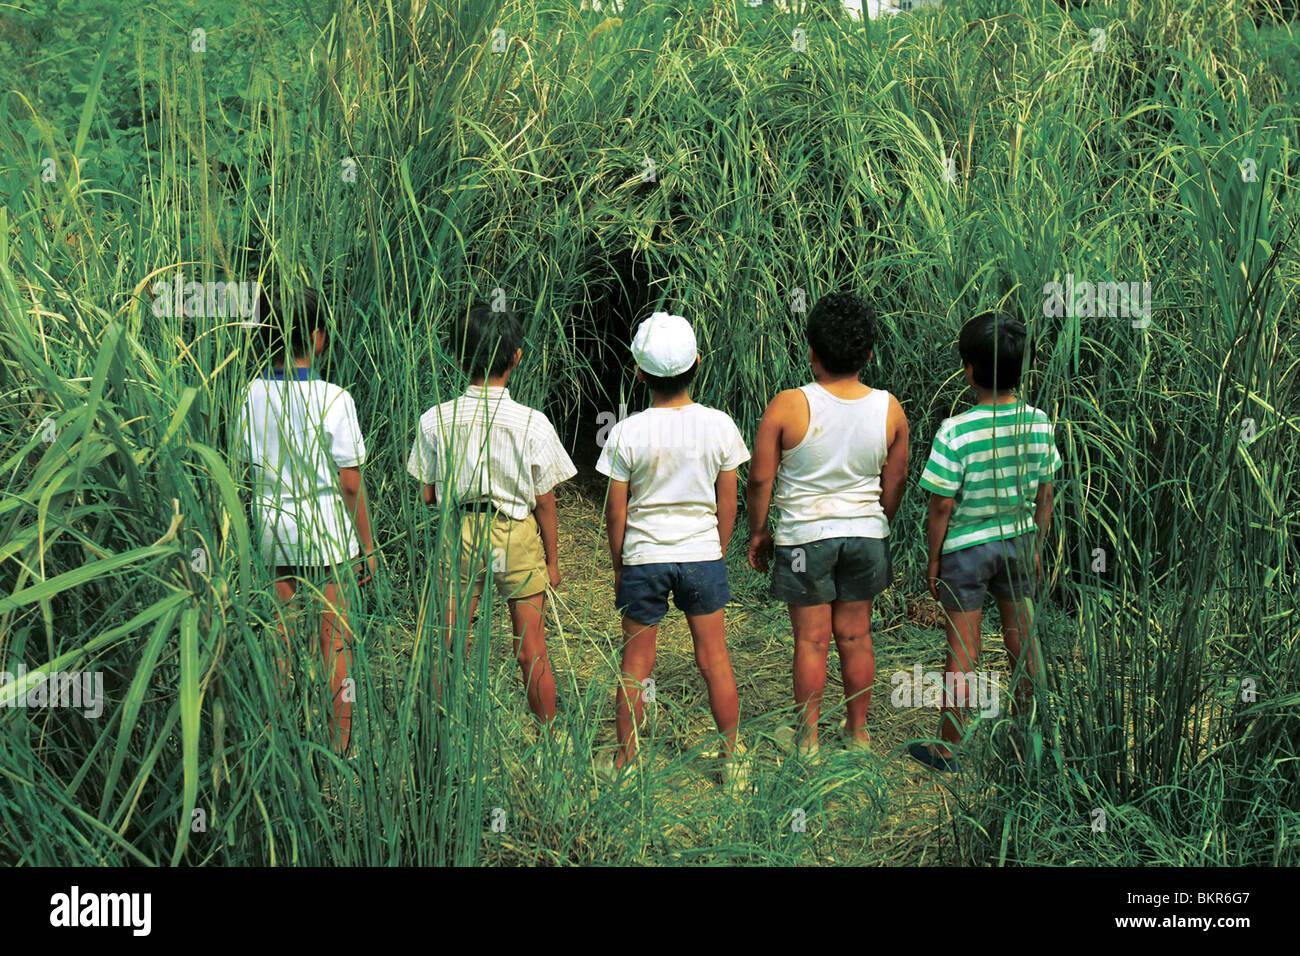 20-SEIKI SHONEN (2008) 20TH CENTURY BOYS (ALT) YUKIHIKO TSUTSUMI (DIR) 001 - Stock Image